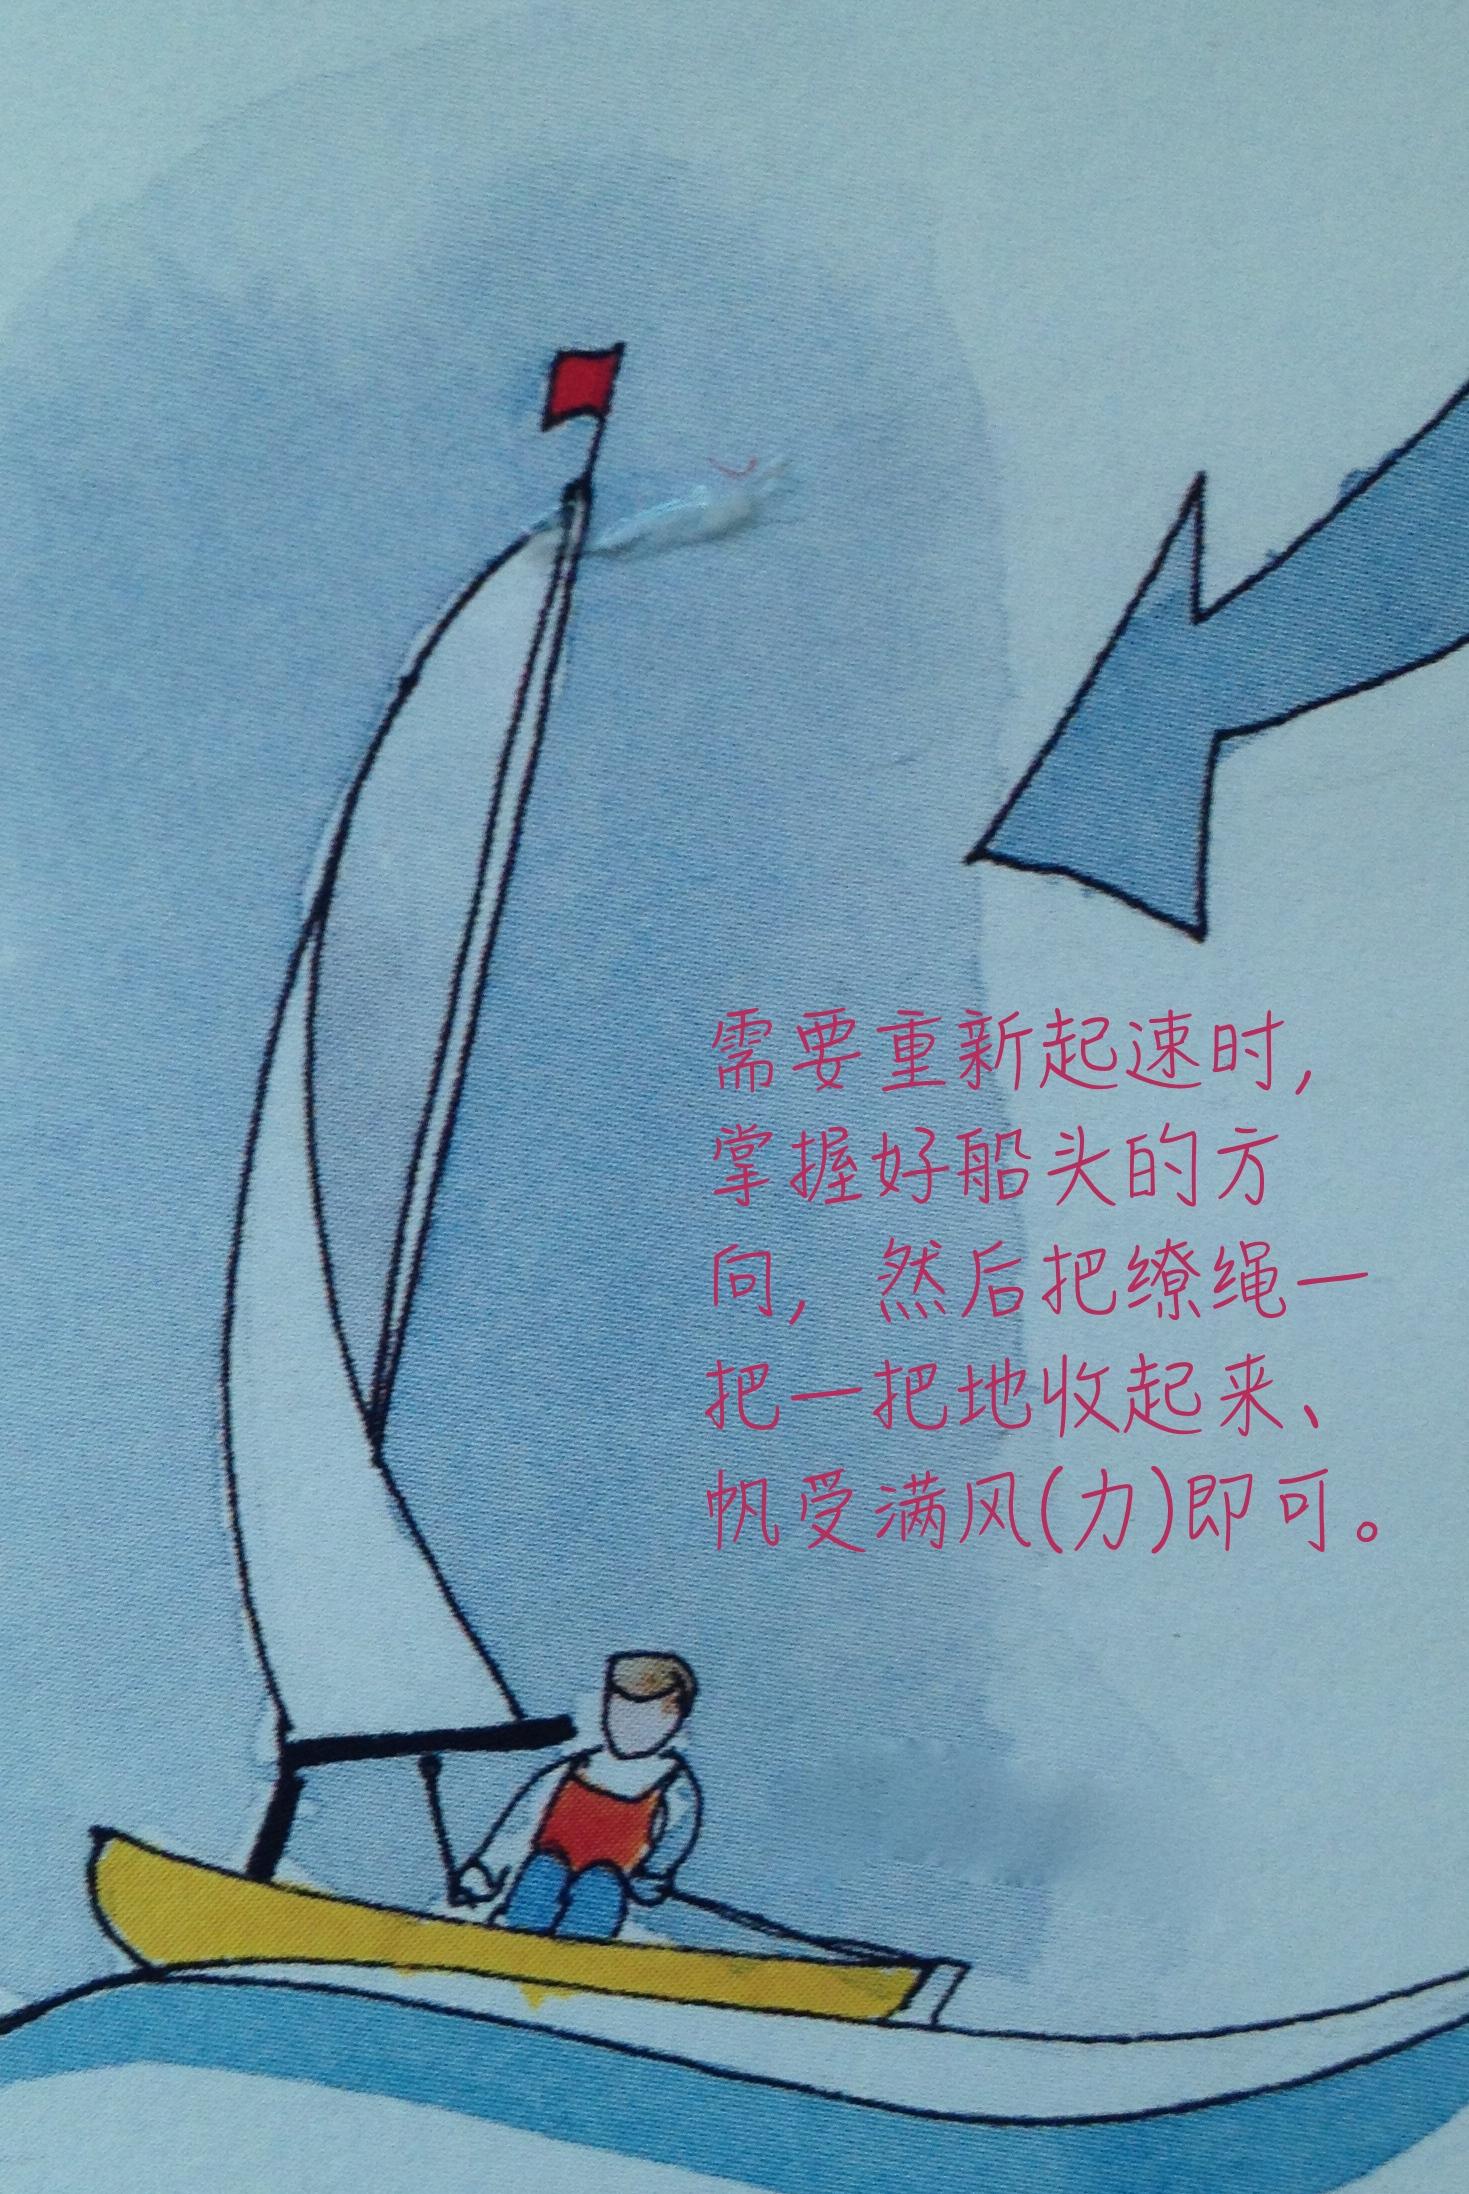 帆船没有刹车控制,所以就需要通过技巧来使船只根据我们想要的状态减速或停止。 13b.jpg